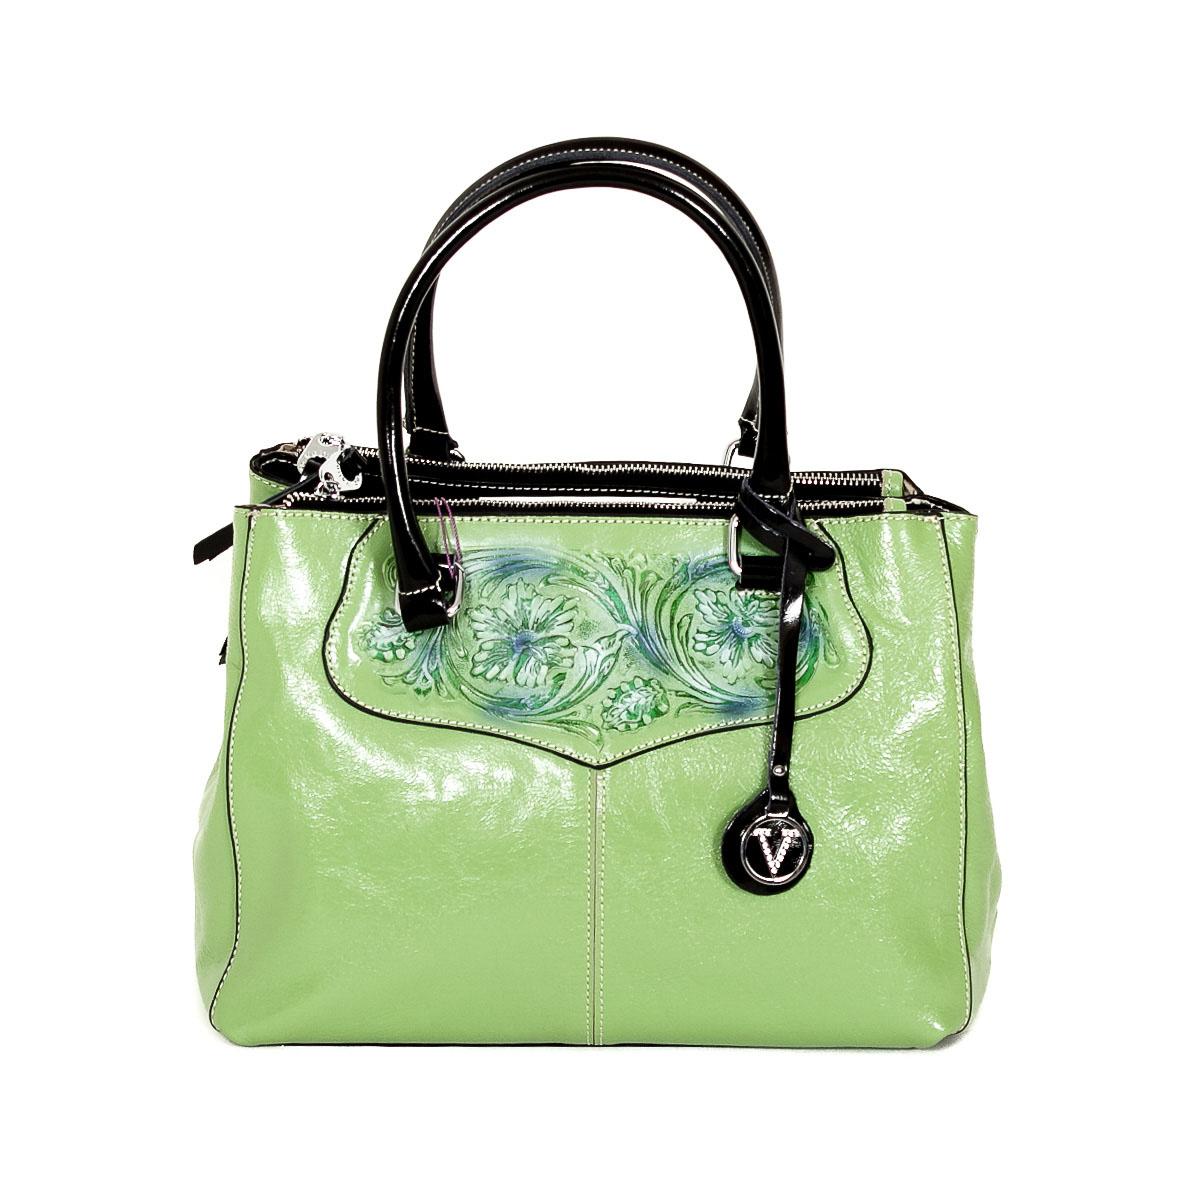 Сумка женская Velina Fabbiano, цвет: зеленый. 523353-YB523353-YB greenСтильная женская сумка Velina Fabbiano изготовлена из натуральной кожи, оформлена прострочками, оригинальным брелоком и рисунком на лицевой стороне. Сумка состоит из трех вместительных отделений на застежках-молниях. Среднее отделение разделено средником на застежке-молнии, также есть два накладных кармана для мелочей, телефона и втачной карман на застежке-молнии. На задней стороне - втачной карман на застежке-молнии. В комплекте чехол для хранения и съемный плечевой ремень регулируемой длины. Роскошная сумка внесет элегантные нотки в ваш образ и подчеркнет ваше отменное чувство стиля.